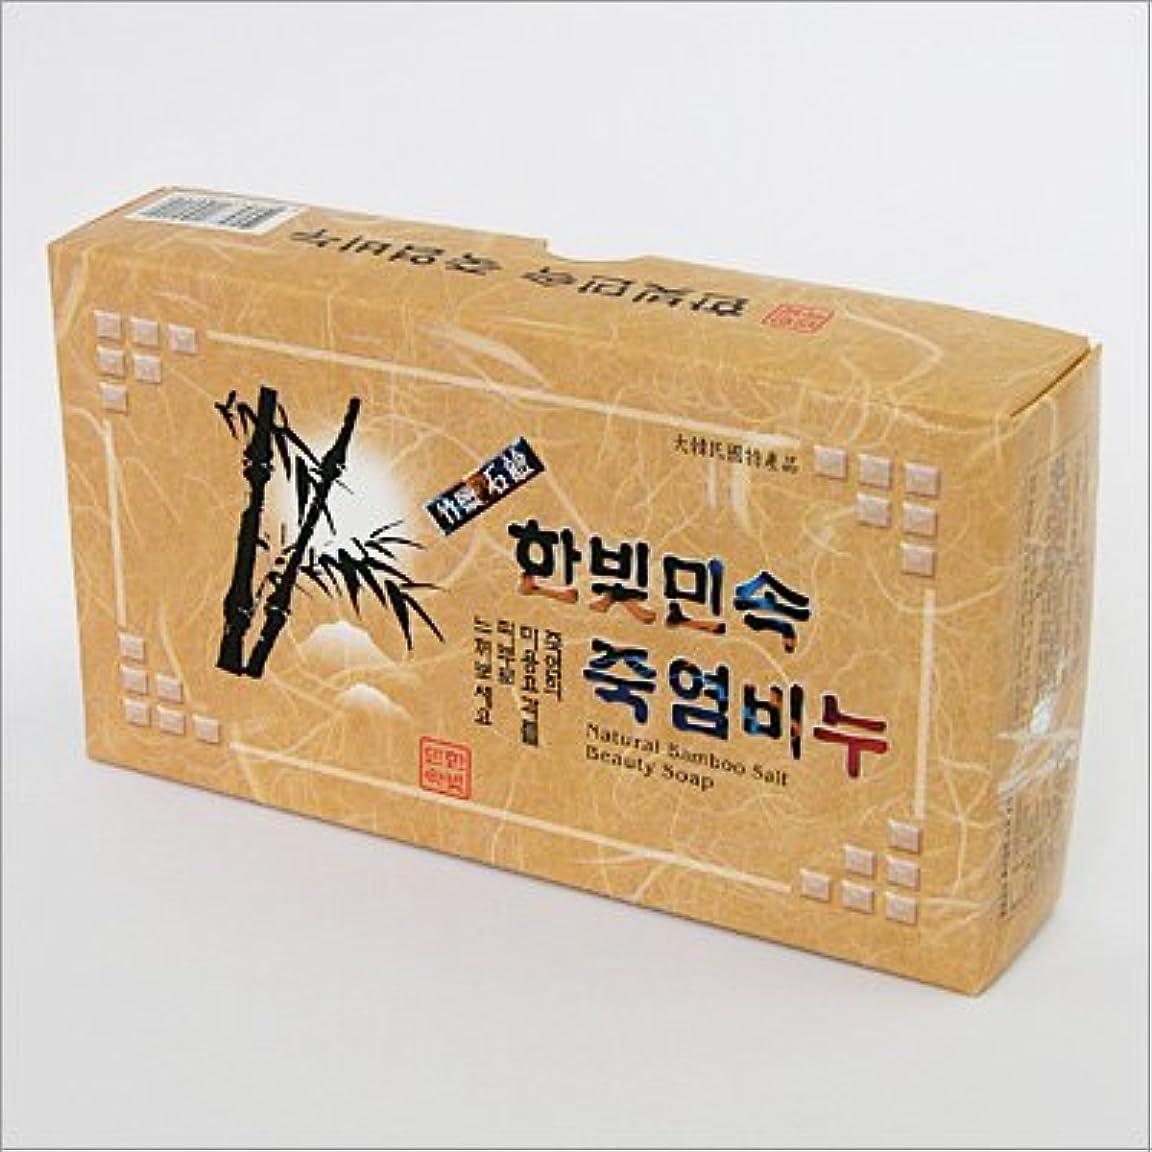 十分に有名な称賛(韓国ブランド) 韓国 竹塩石鹸(3個セット)